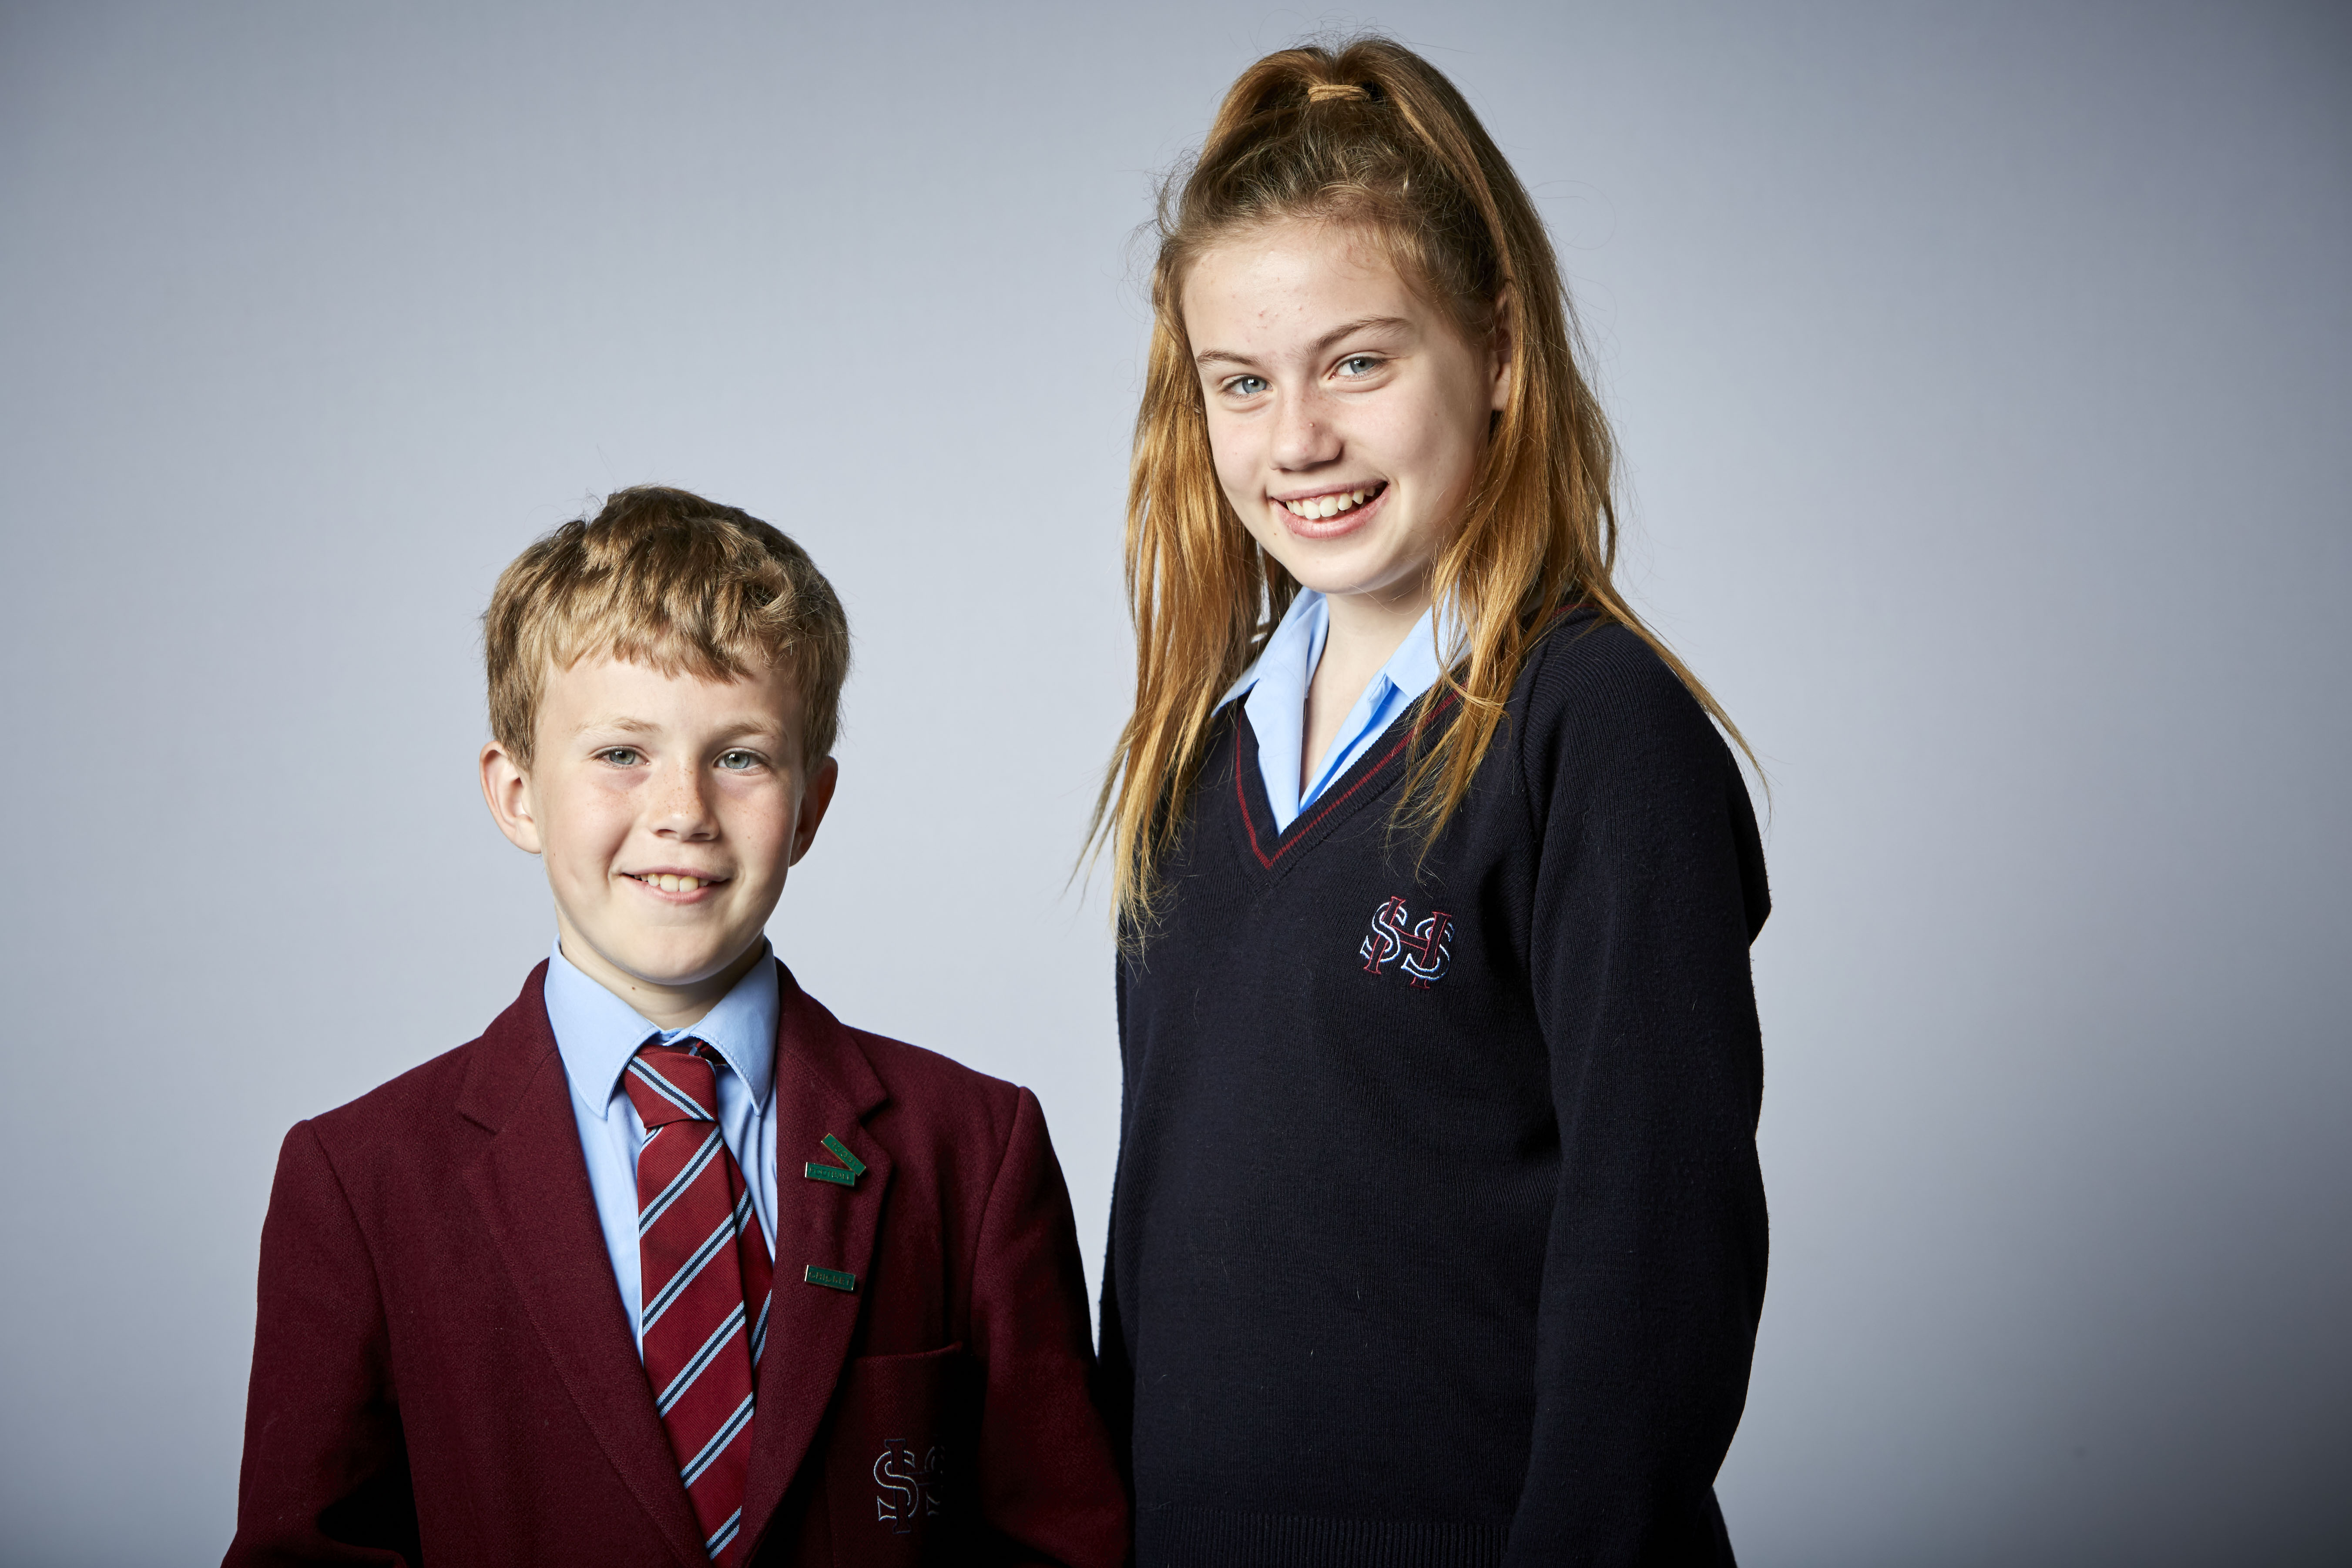 Uniform Shrewsbury High School Private School For Girls Boys